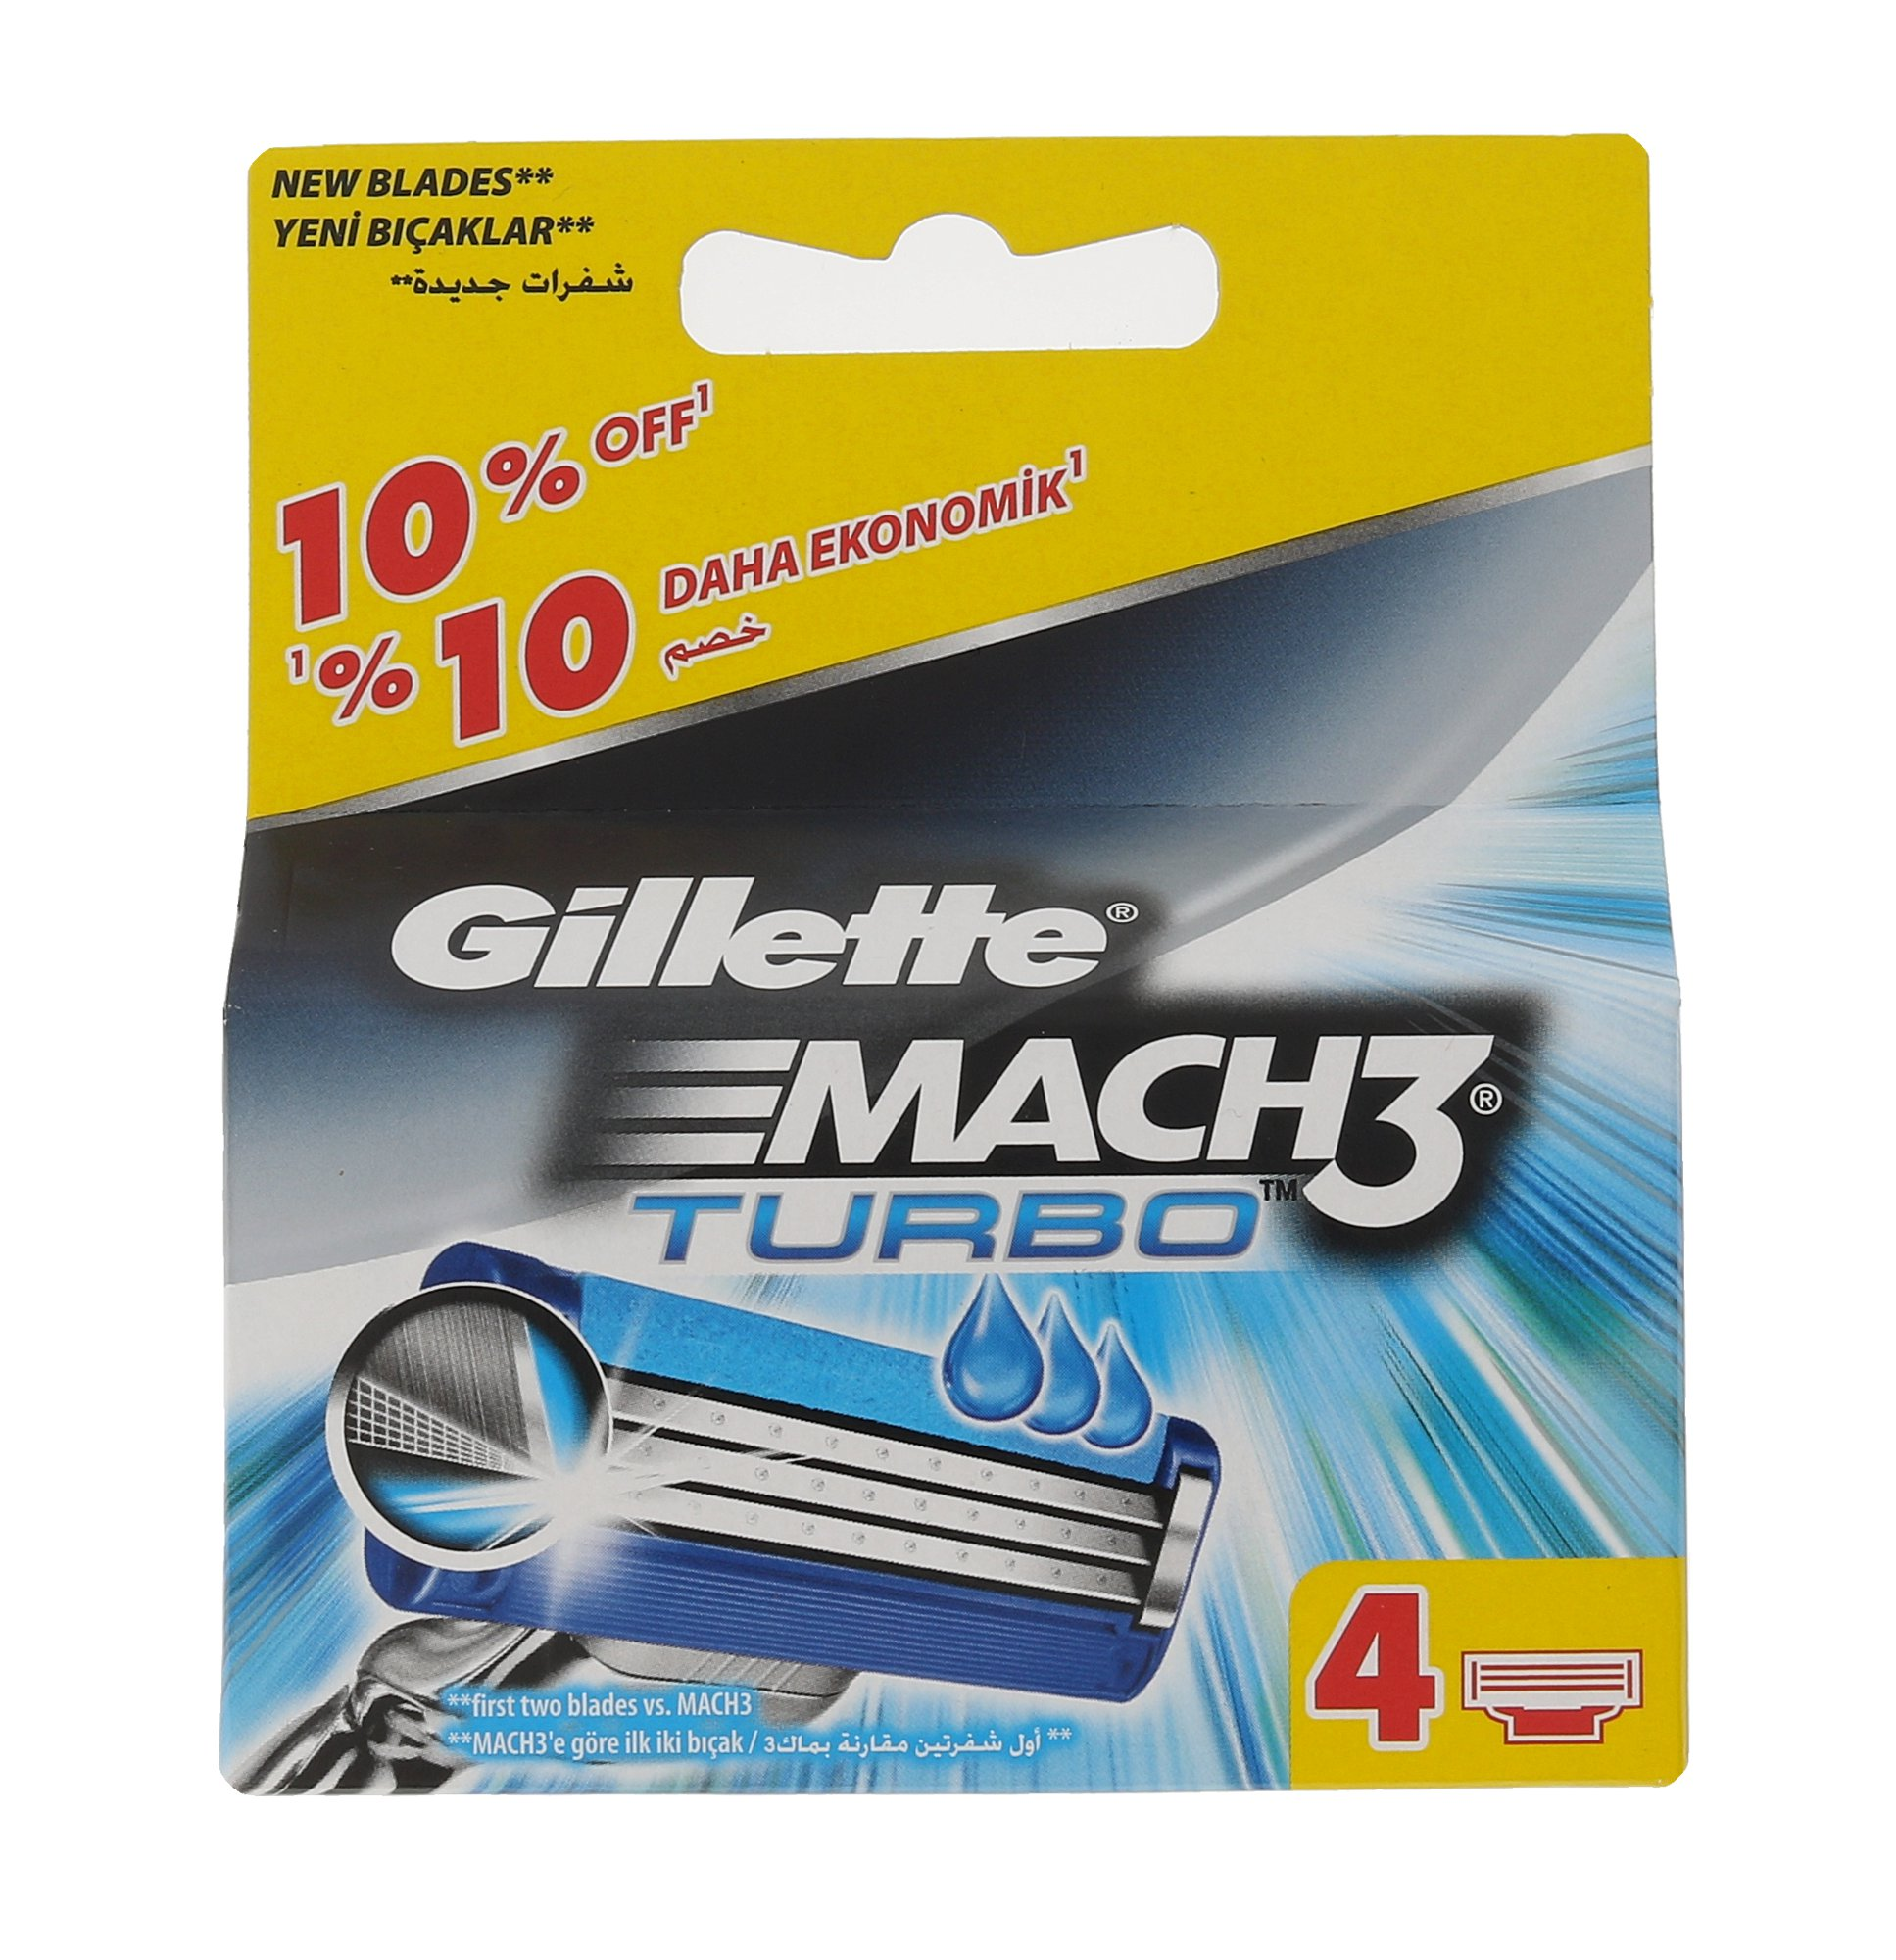 Gillette Mach3 Turbo, Náhradné ostrie 4ks